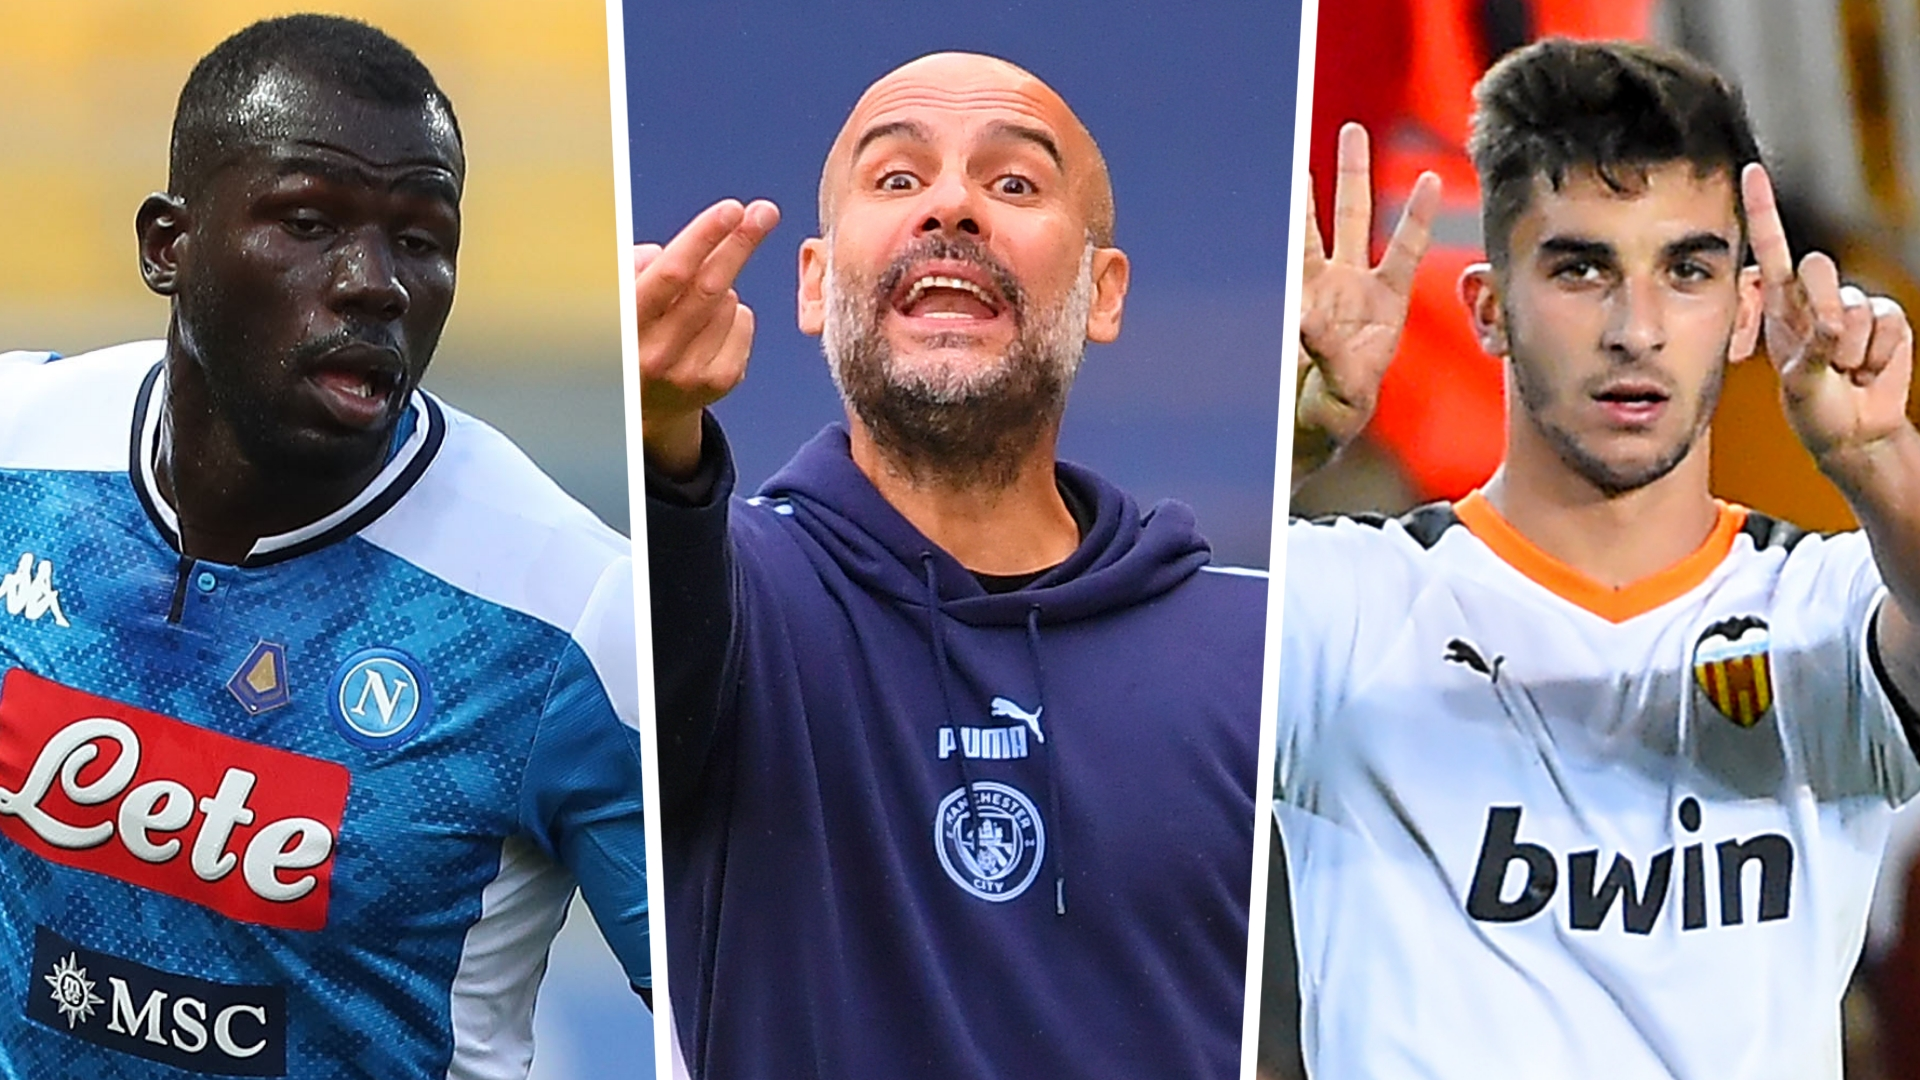 คูลิบาลี, เฟร์ราน ตอร์เรส? เจาะแผนตลาดนักเตะแมนฯ ซิตี้ 2020 | Goal.com